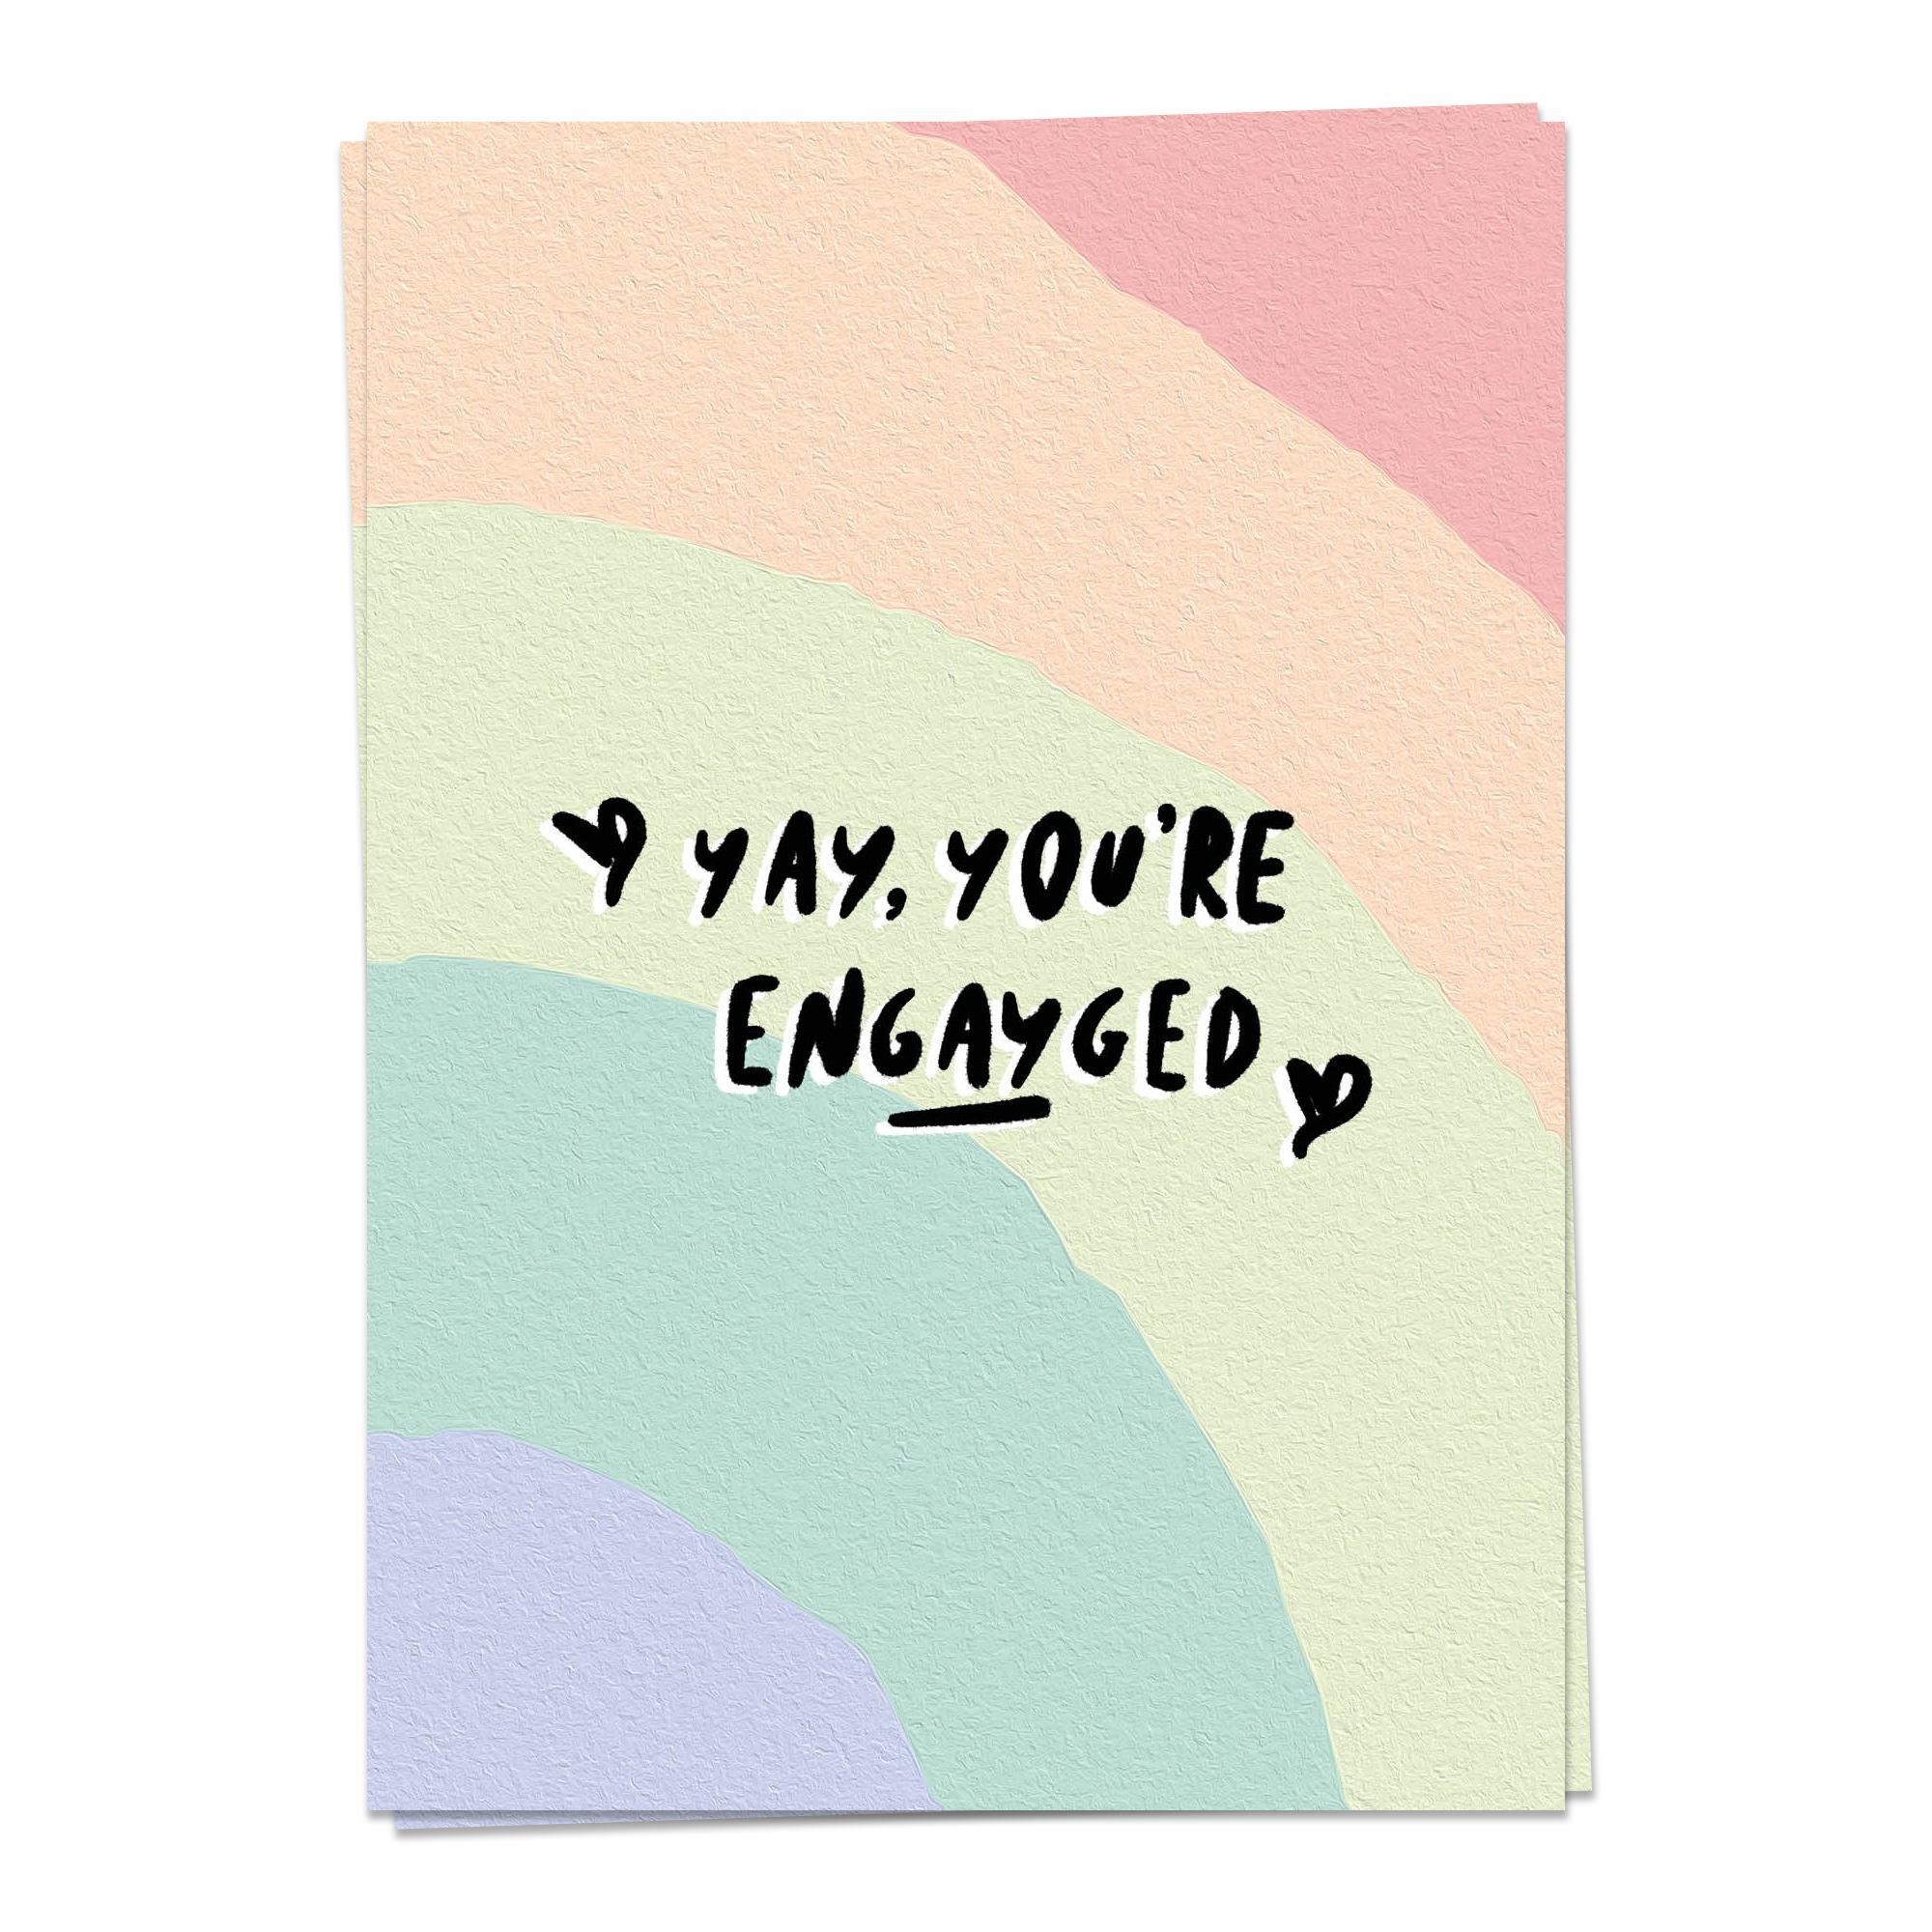 LGBTQ - Engayged